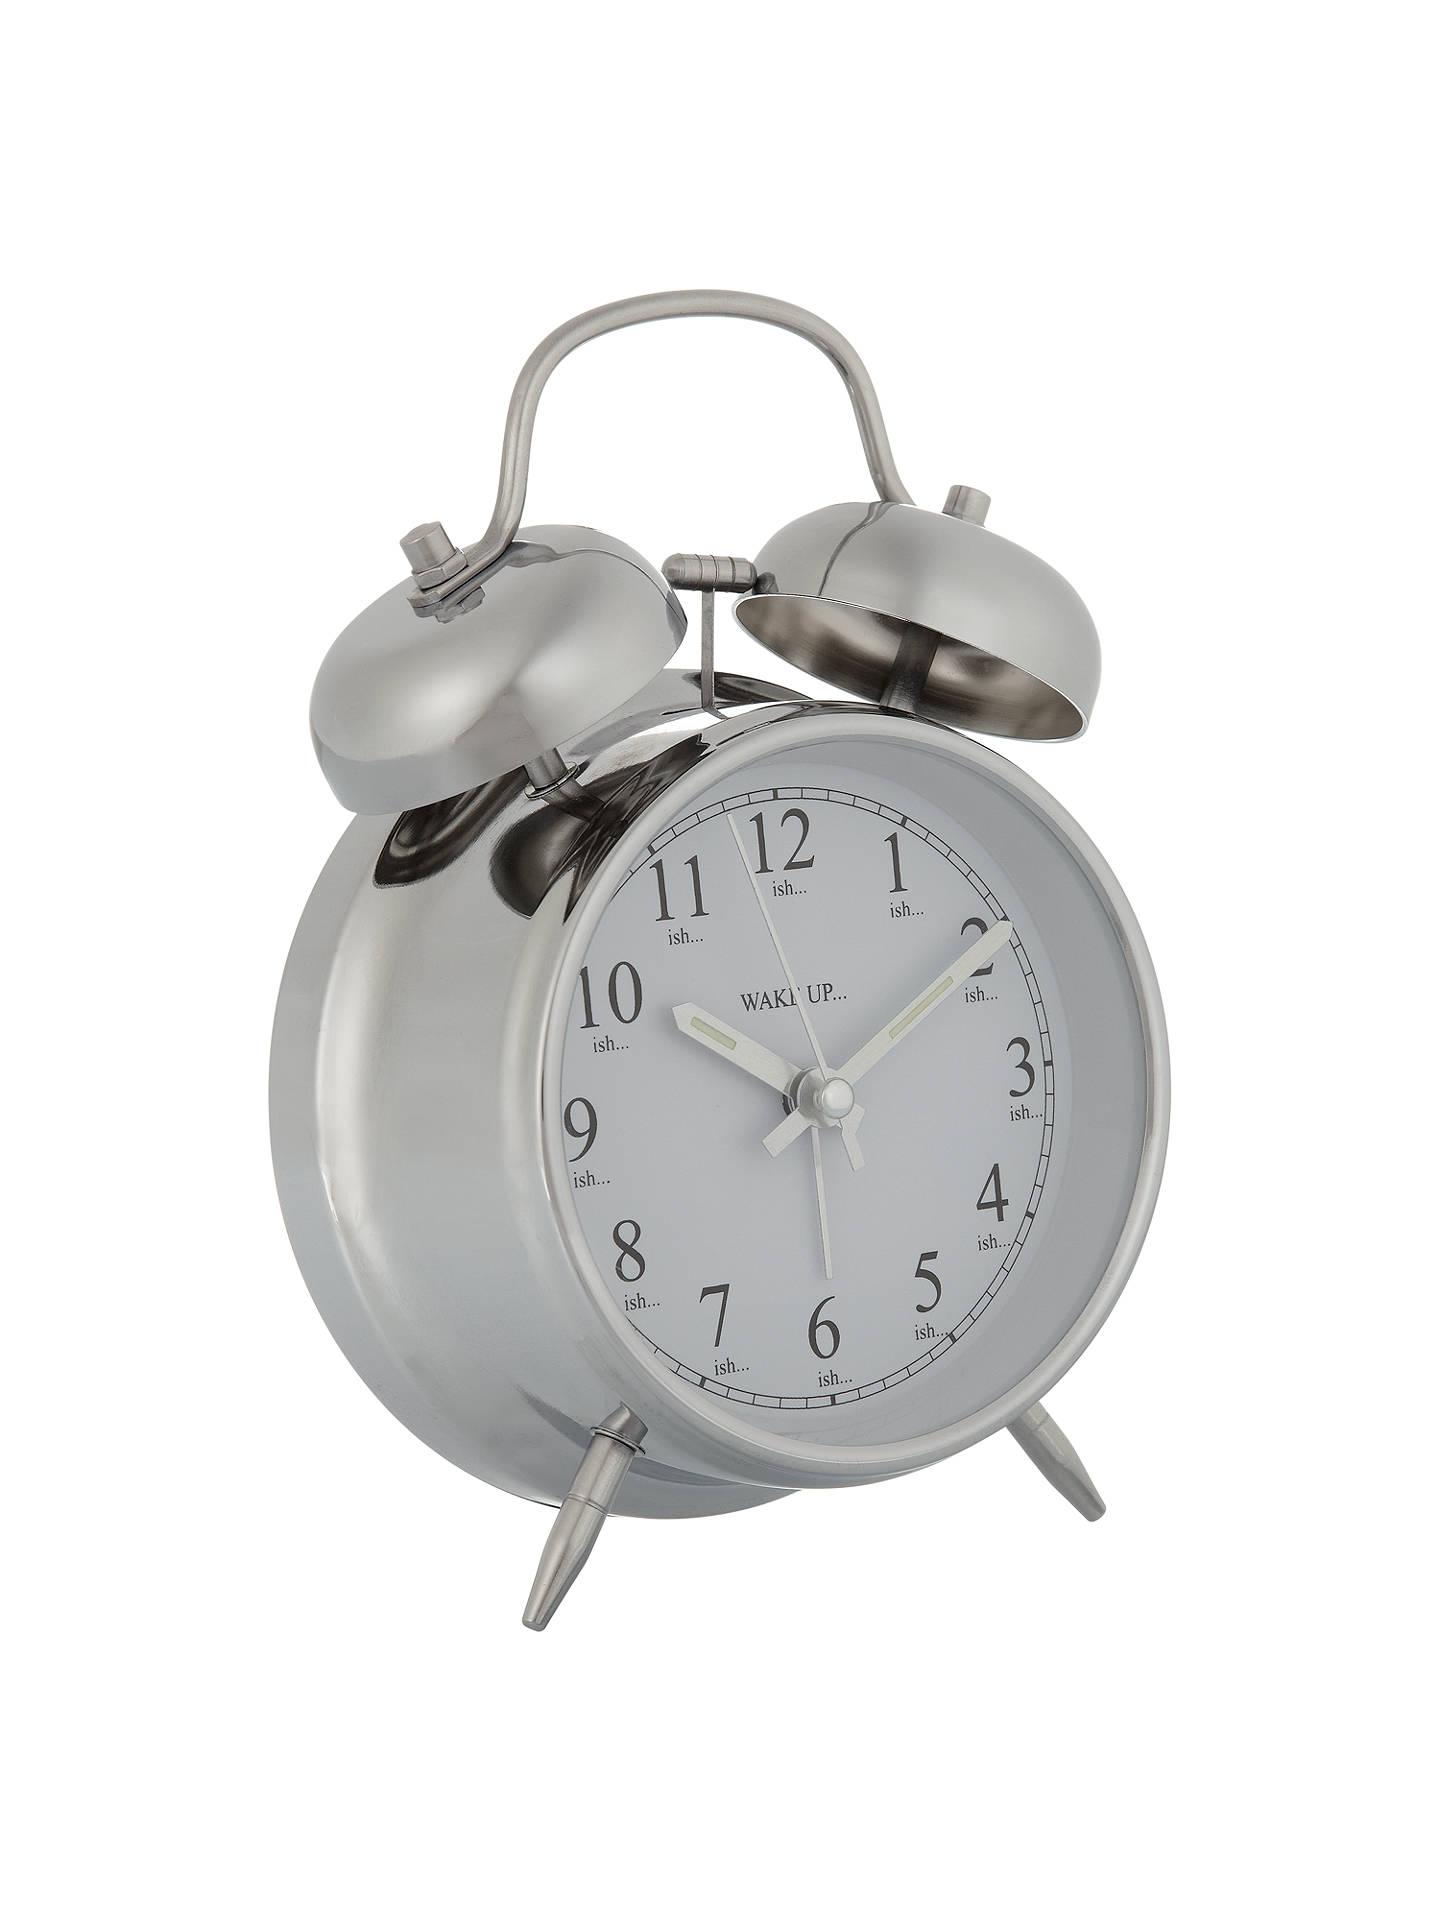 Wake Up Alarm Clock Online Unique Alarm Clock